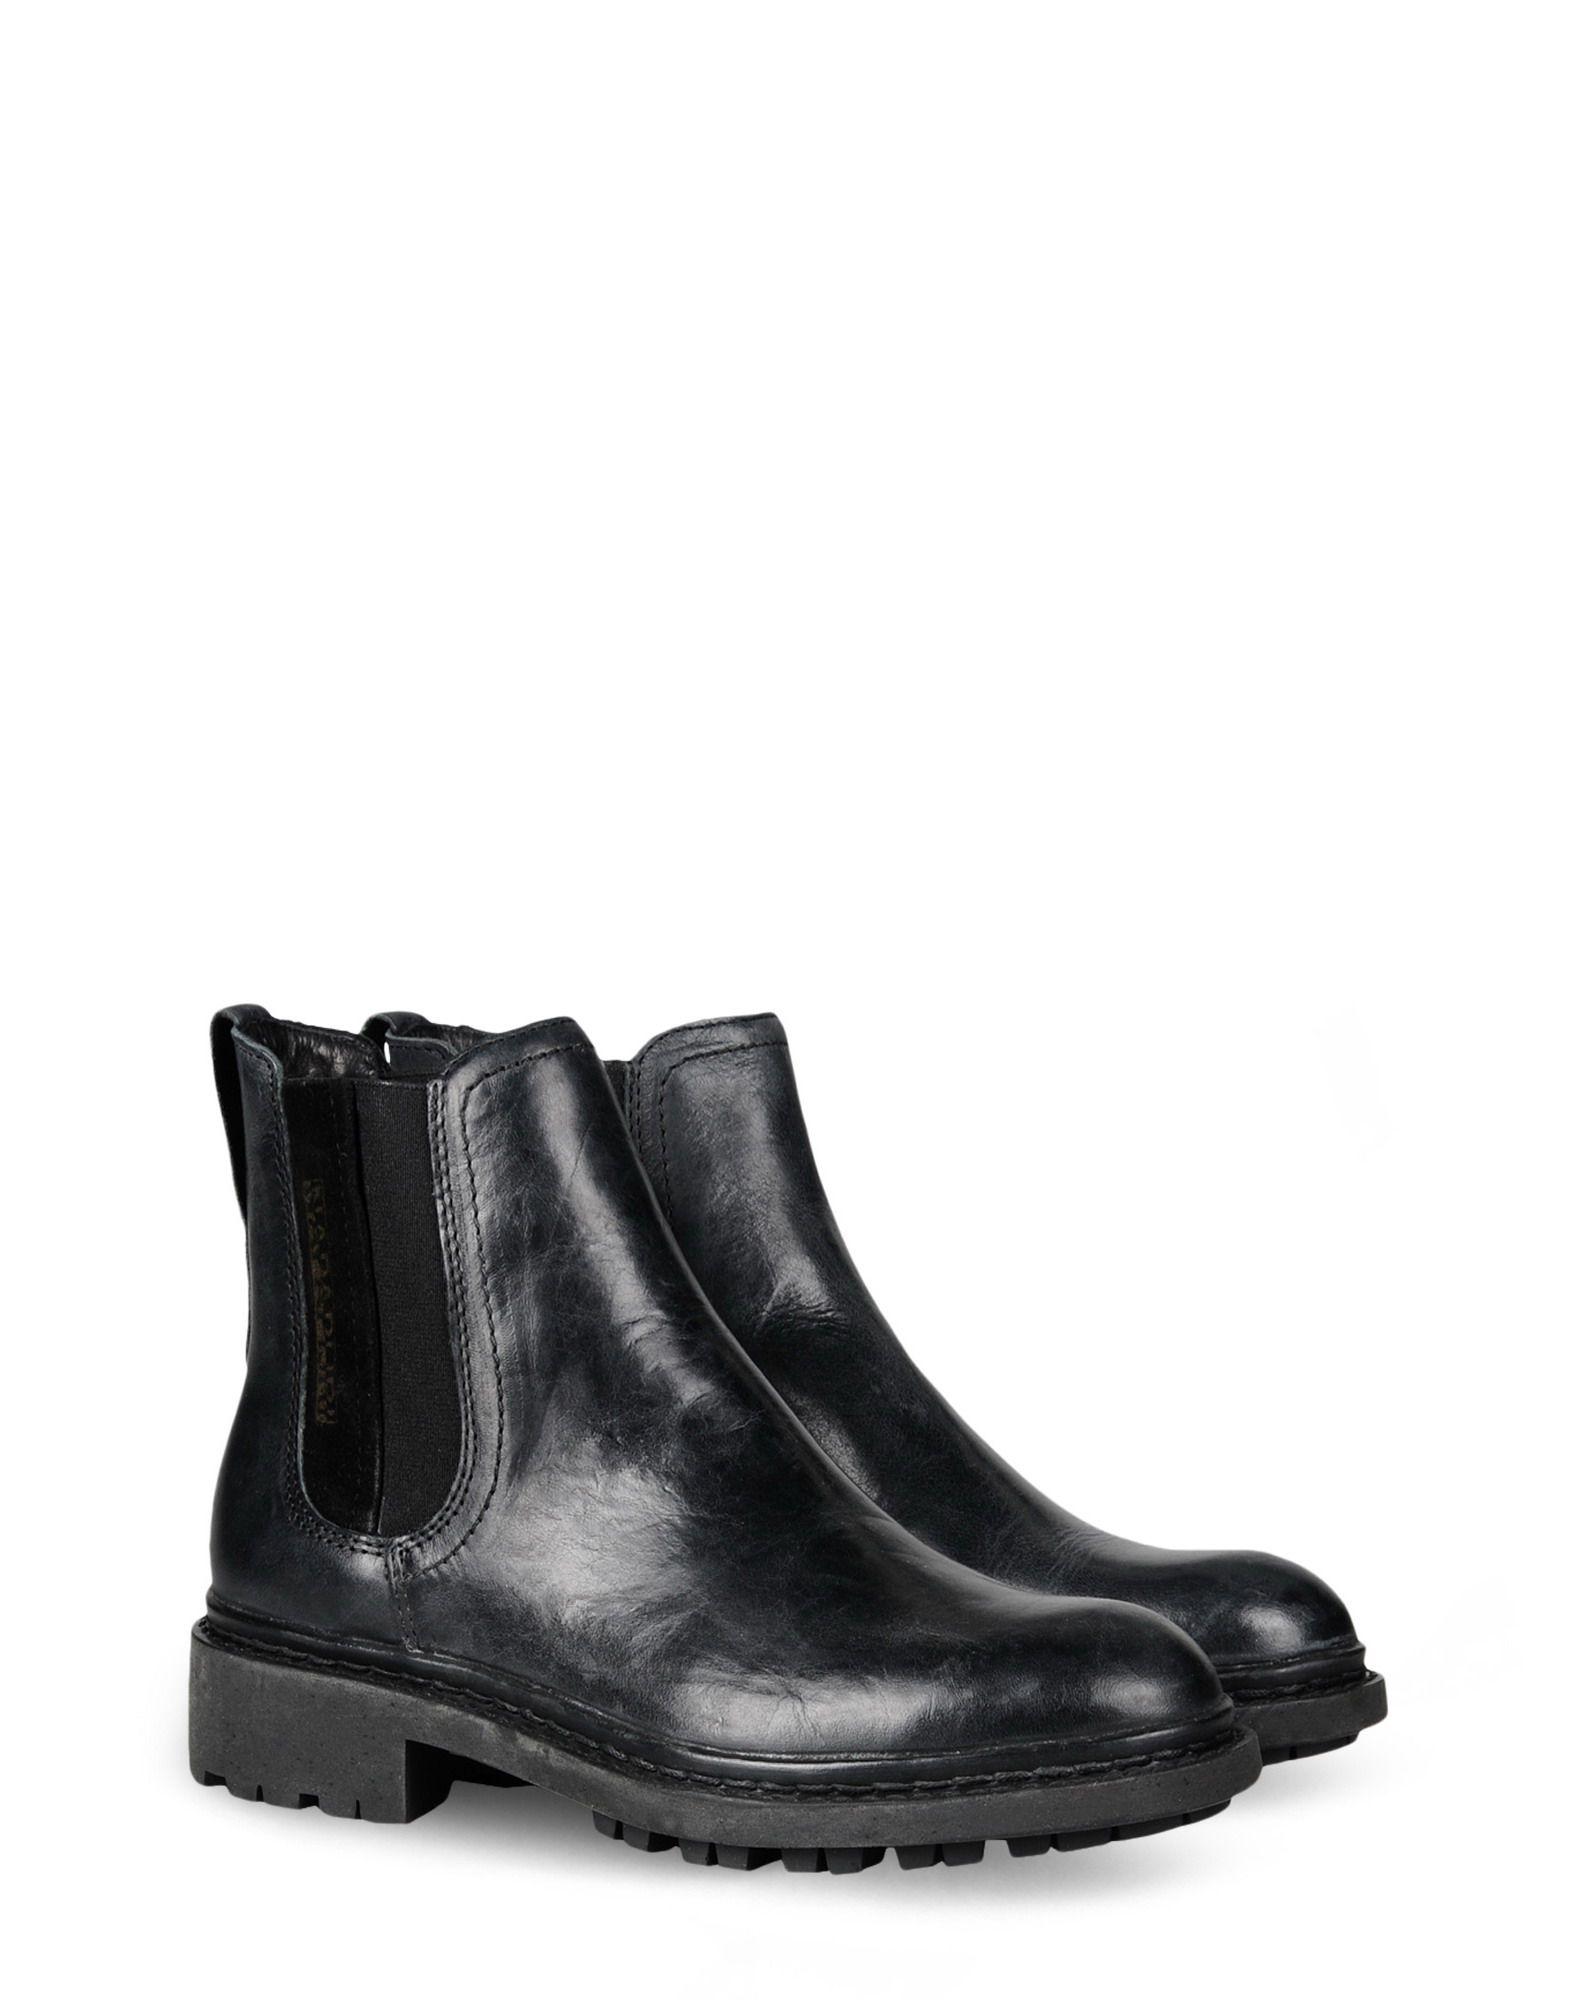 NAPAPIJRI Полусапоги и высокие ботинки magazzini del sale полусапоги и высокие ботинки